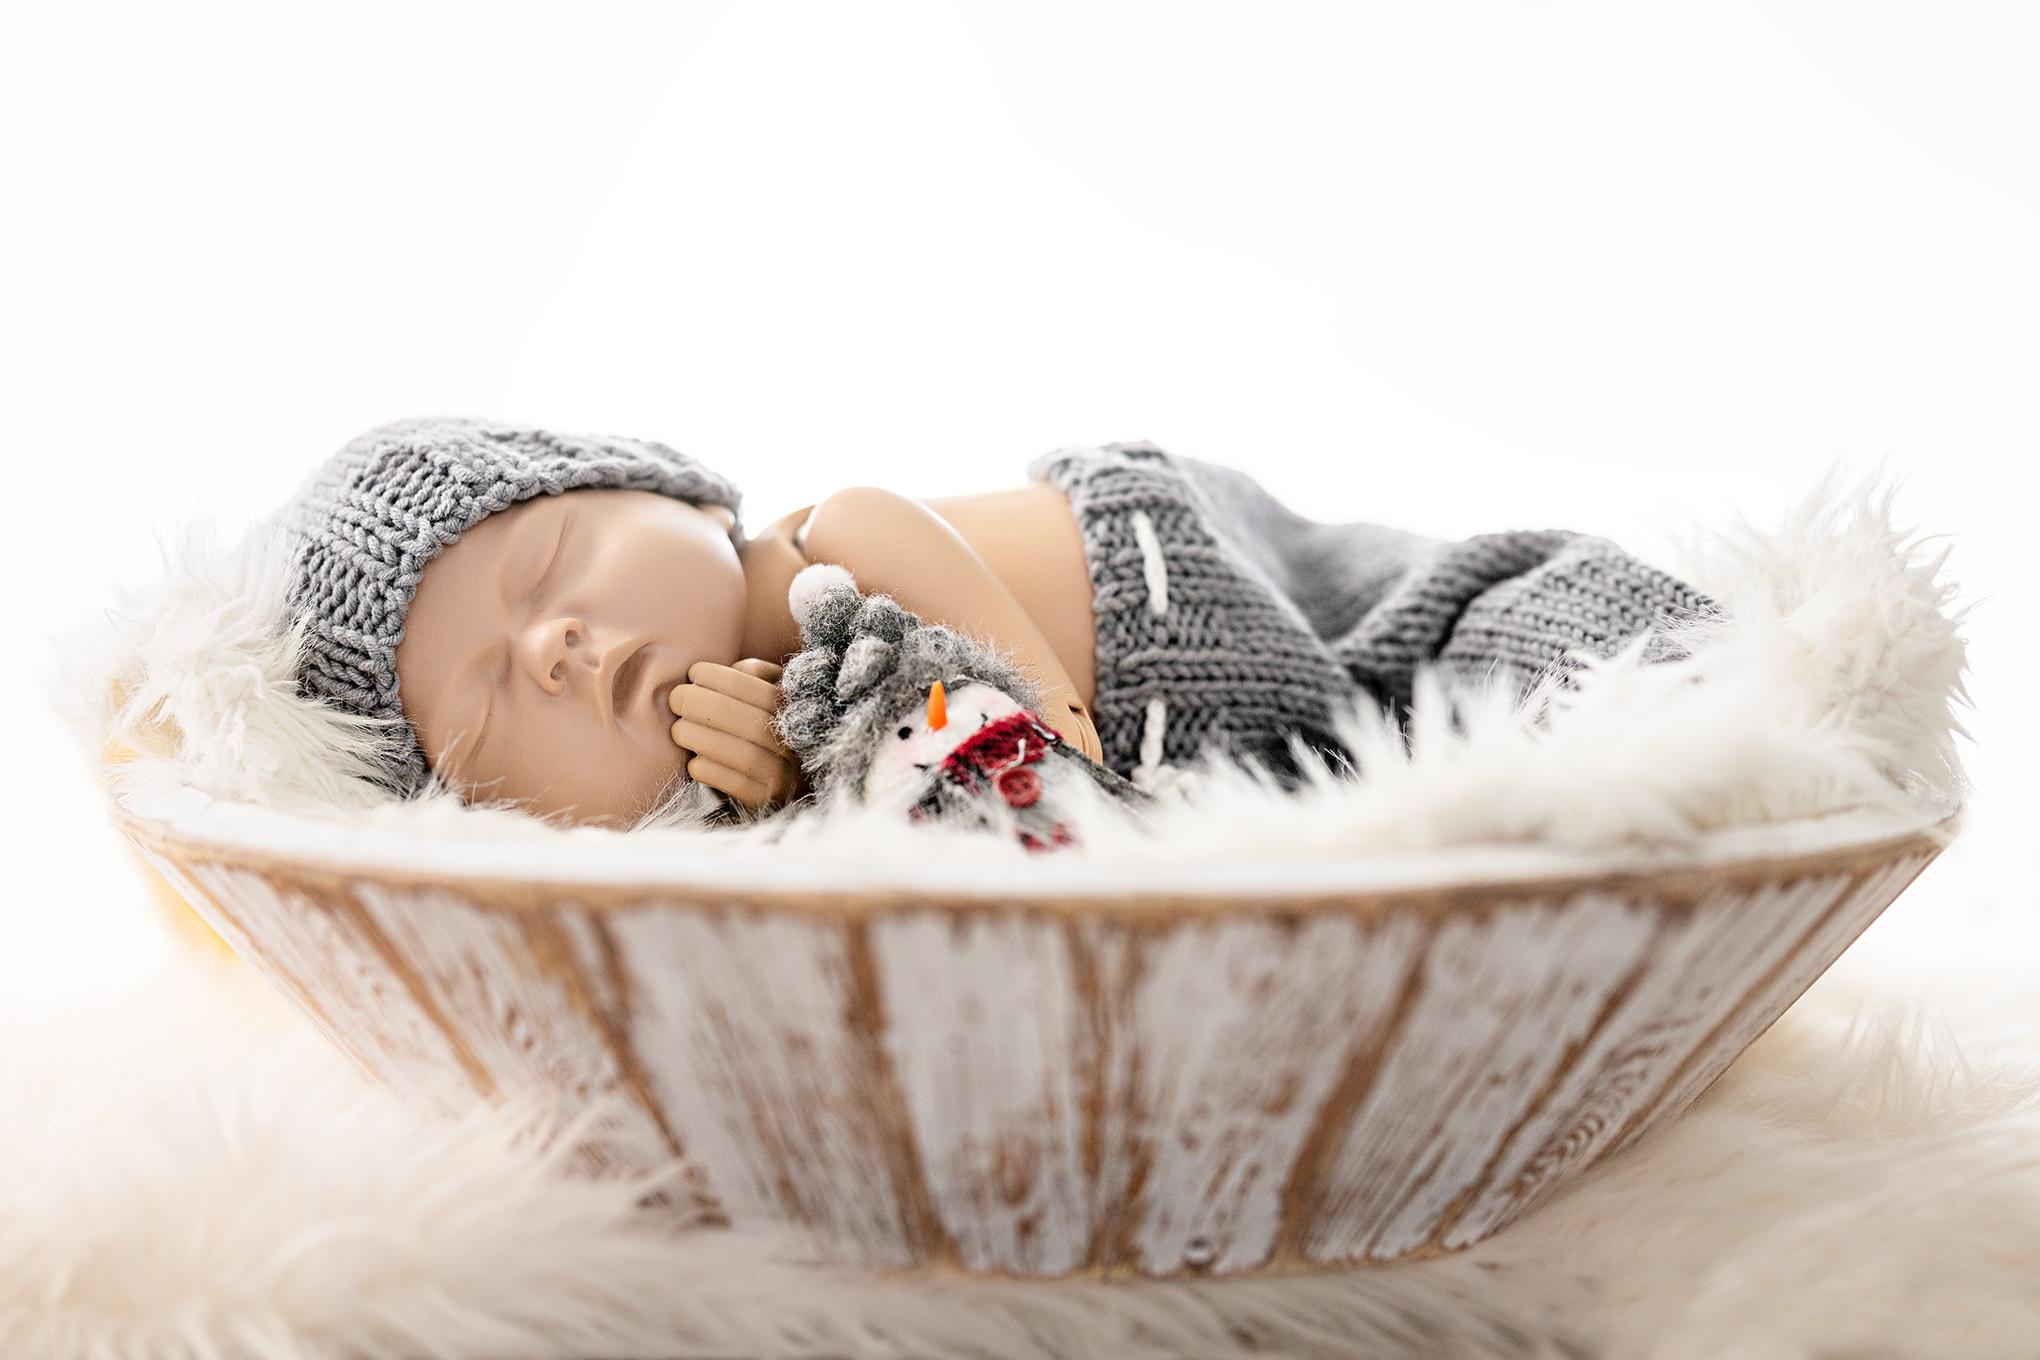 Zdjęcia noworodka w Pile